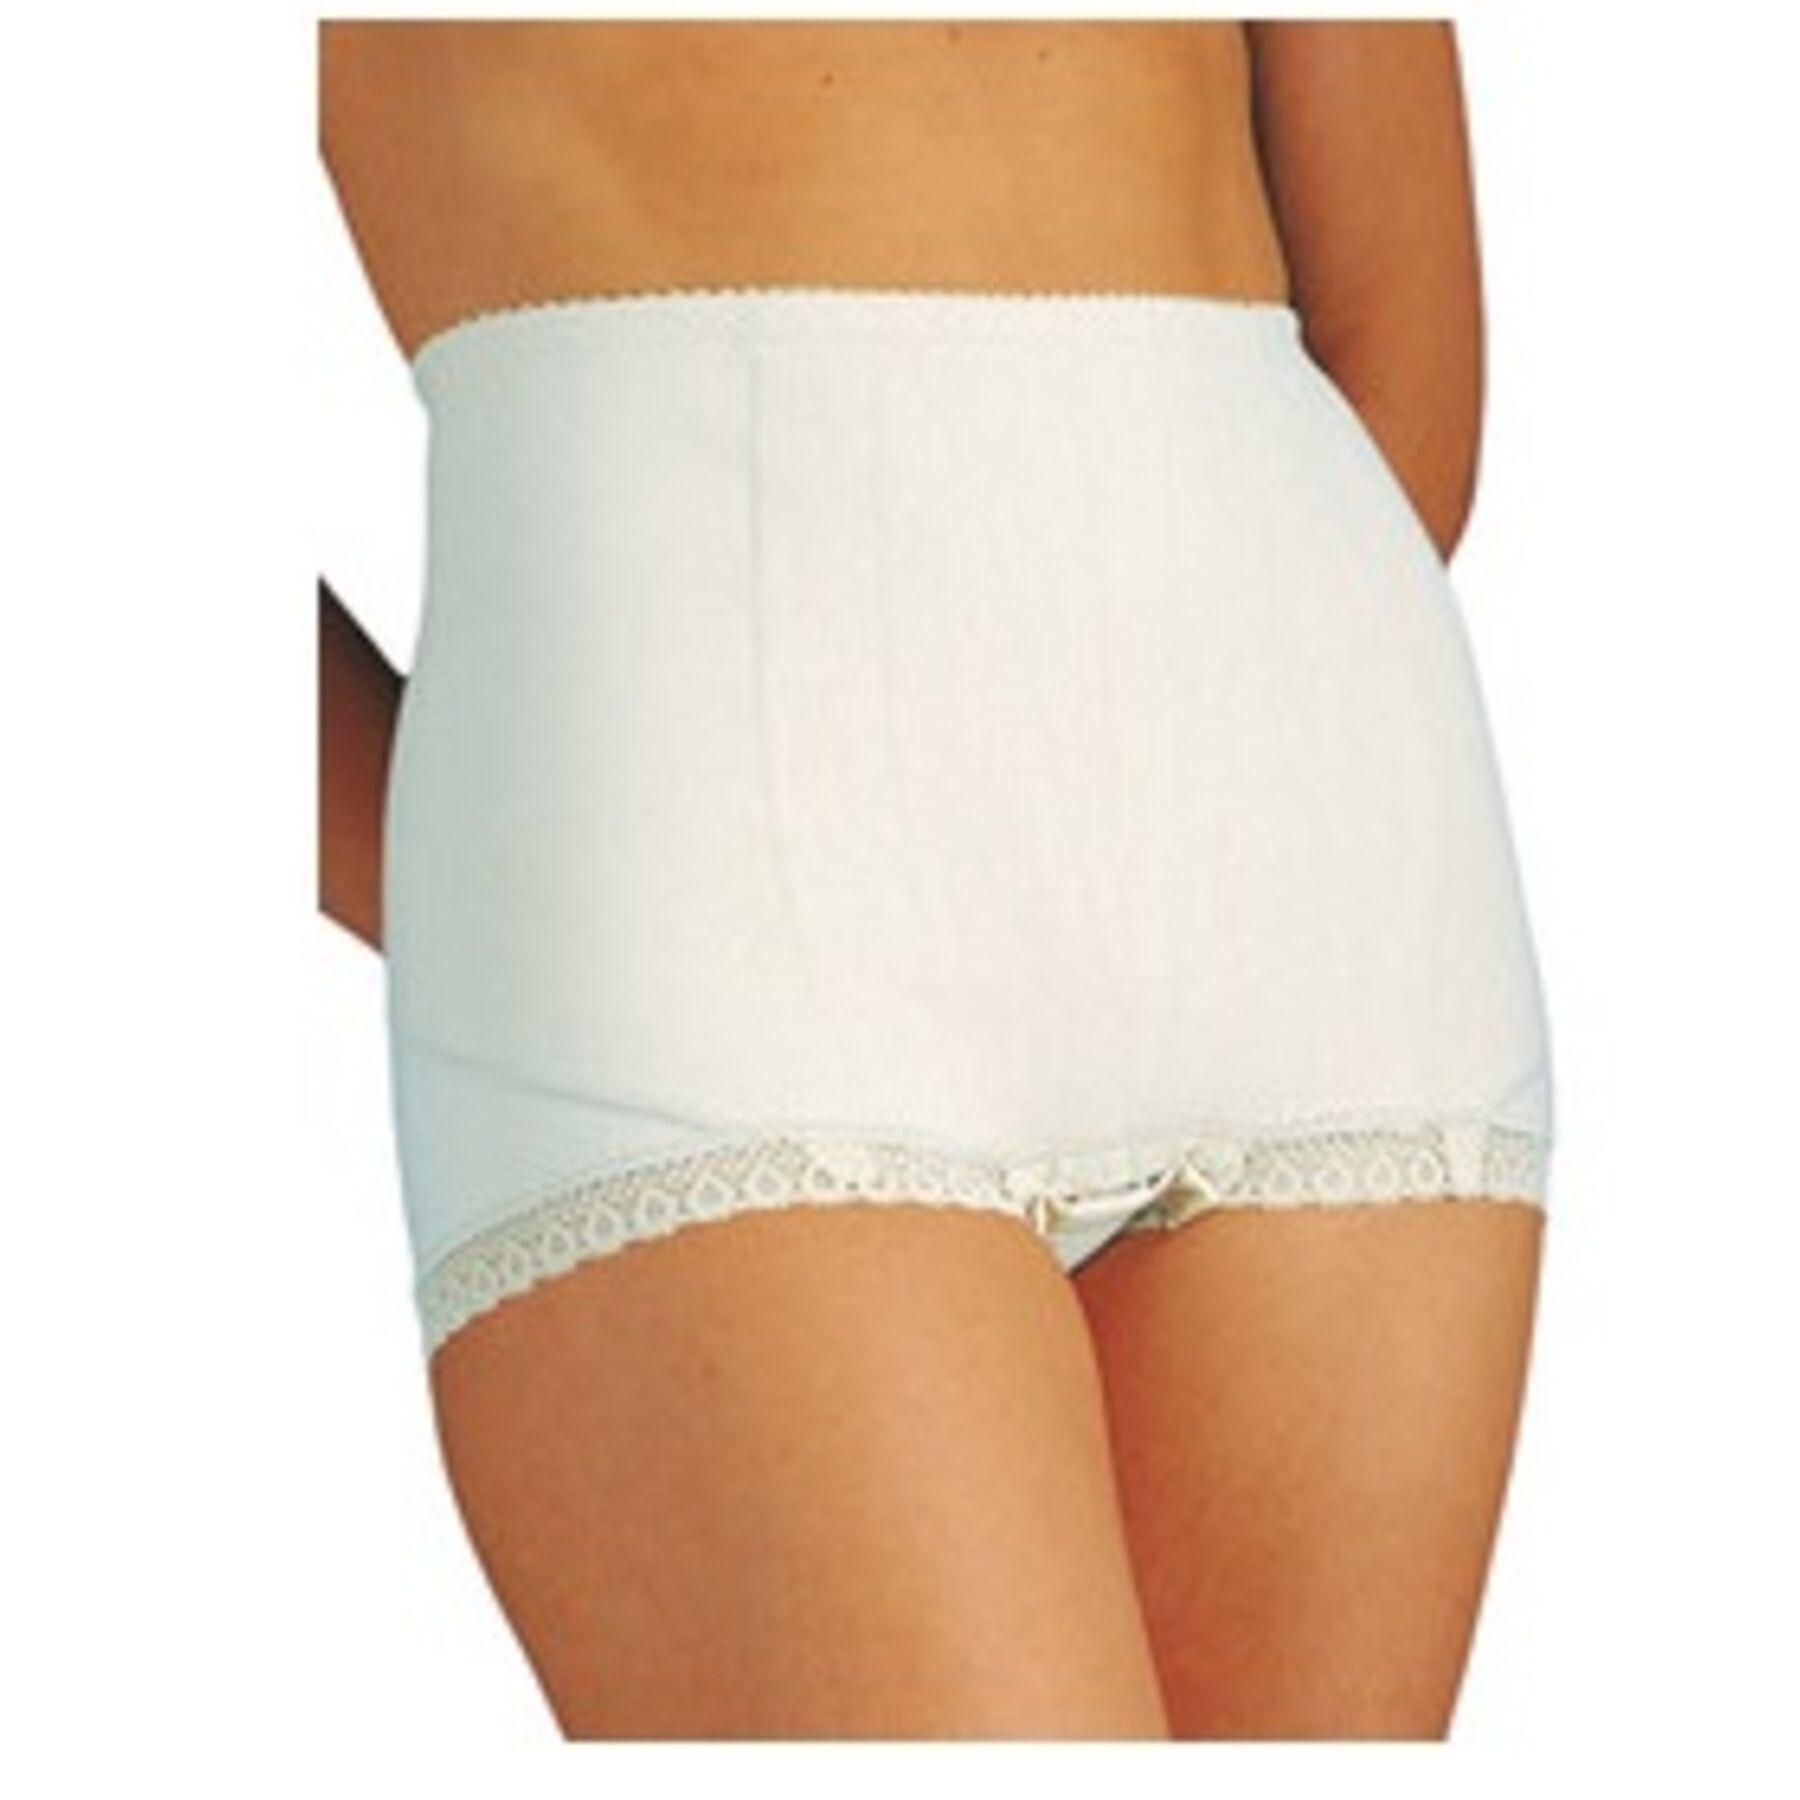 DUAL SANITALY SpA Mutanda elastica contenitiva alta da donna dualsan colore bianco misura 6